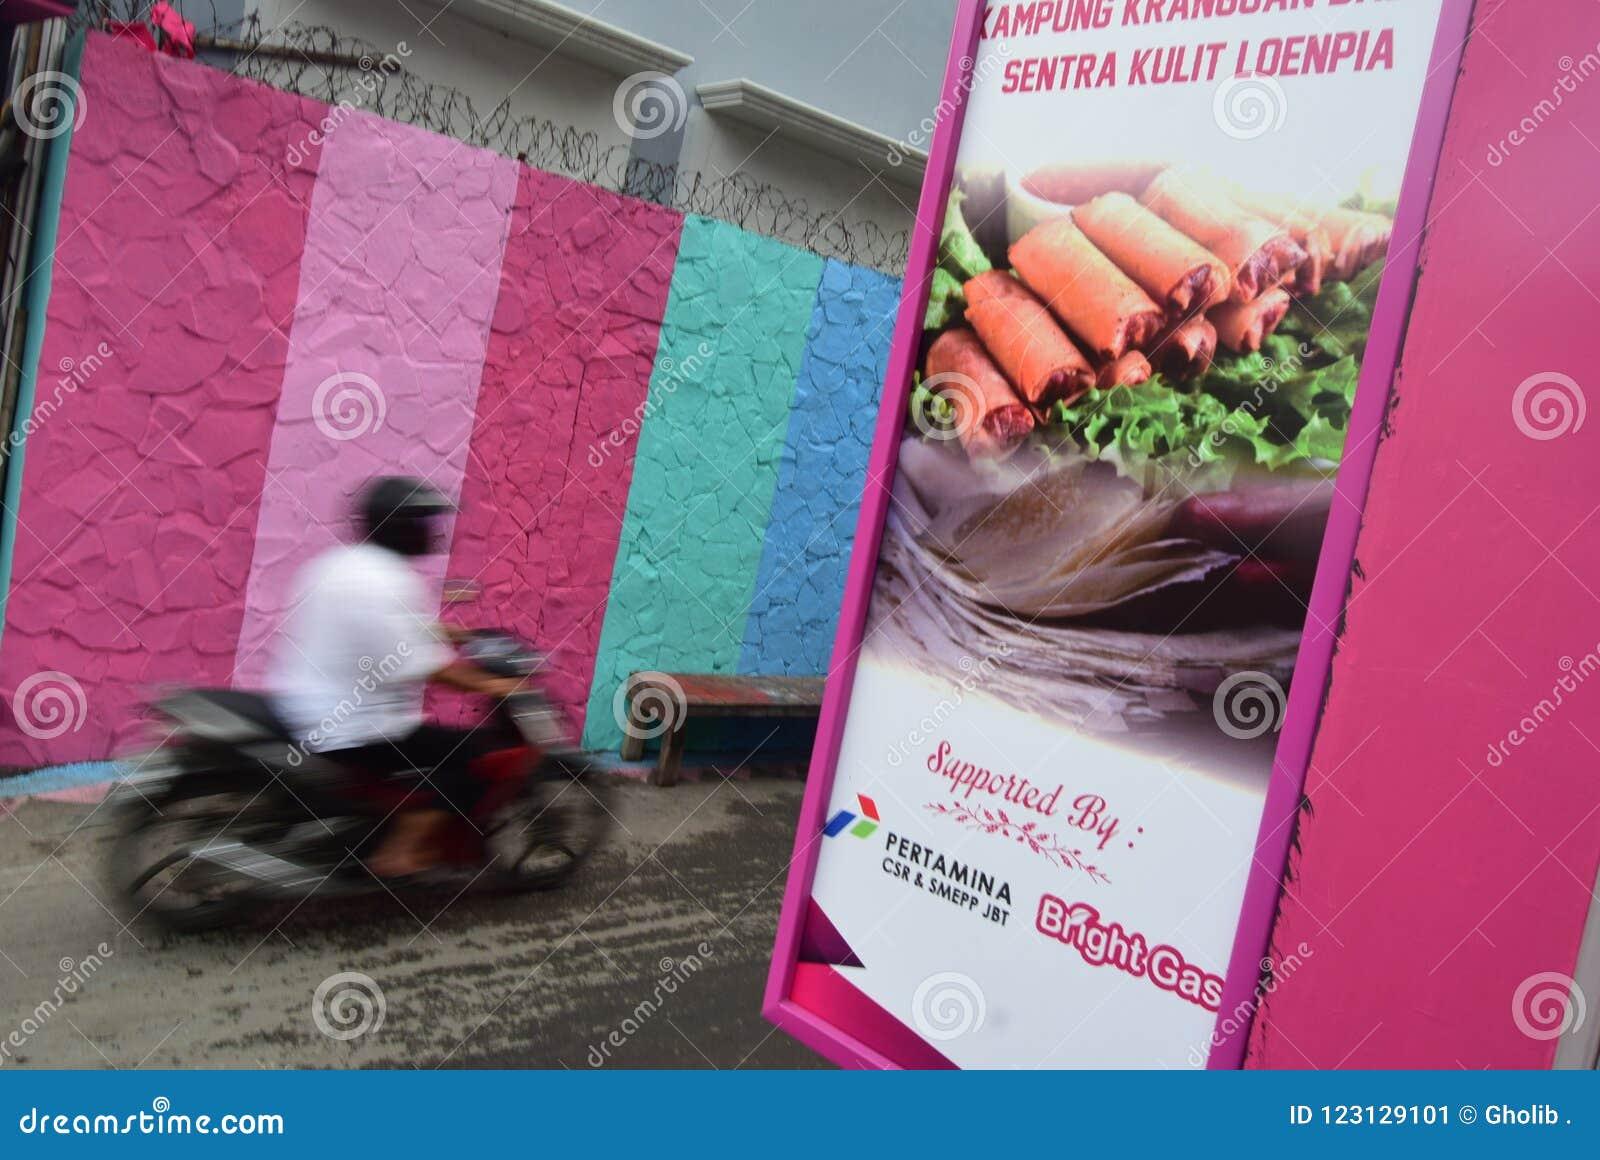 Яркая деревня газа в городе Semarang